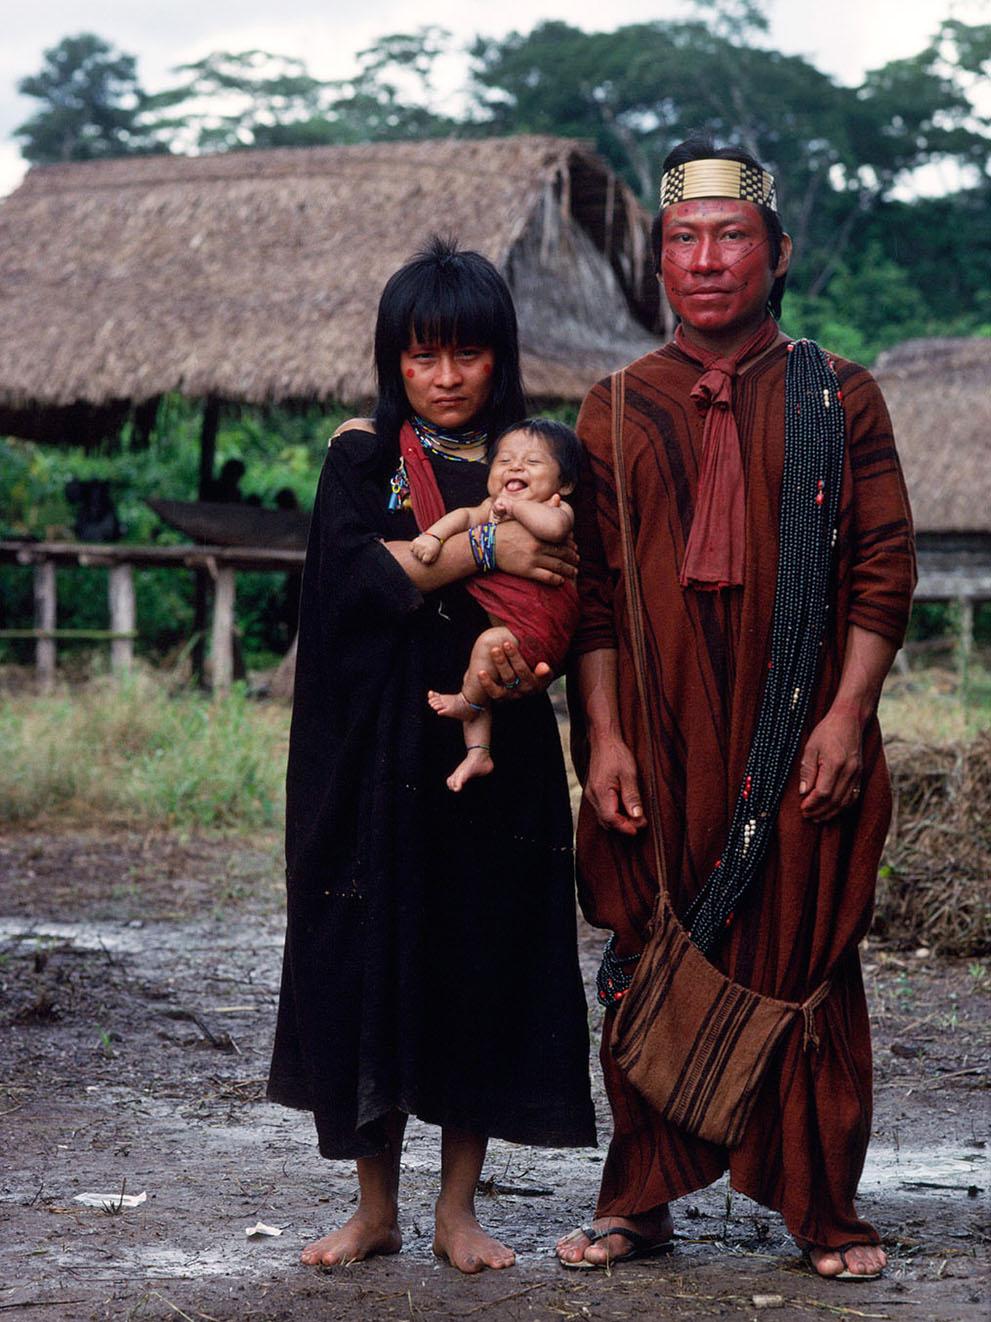 12. В 2011 году племена ашанинка в Бразилии и Перу объединились, чтобы выявить незаконных лесорубов.